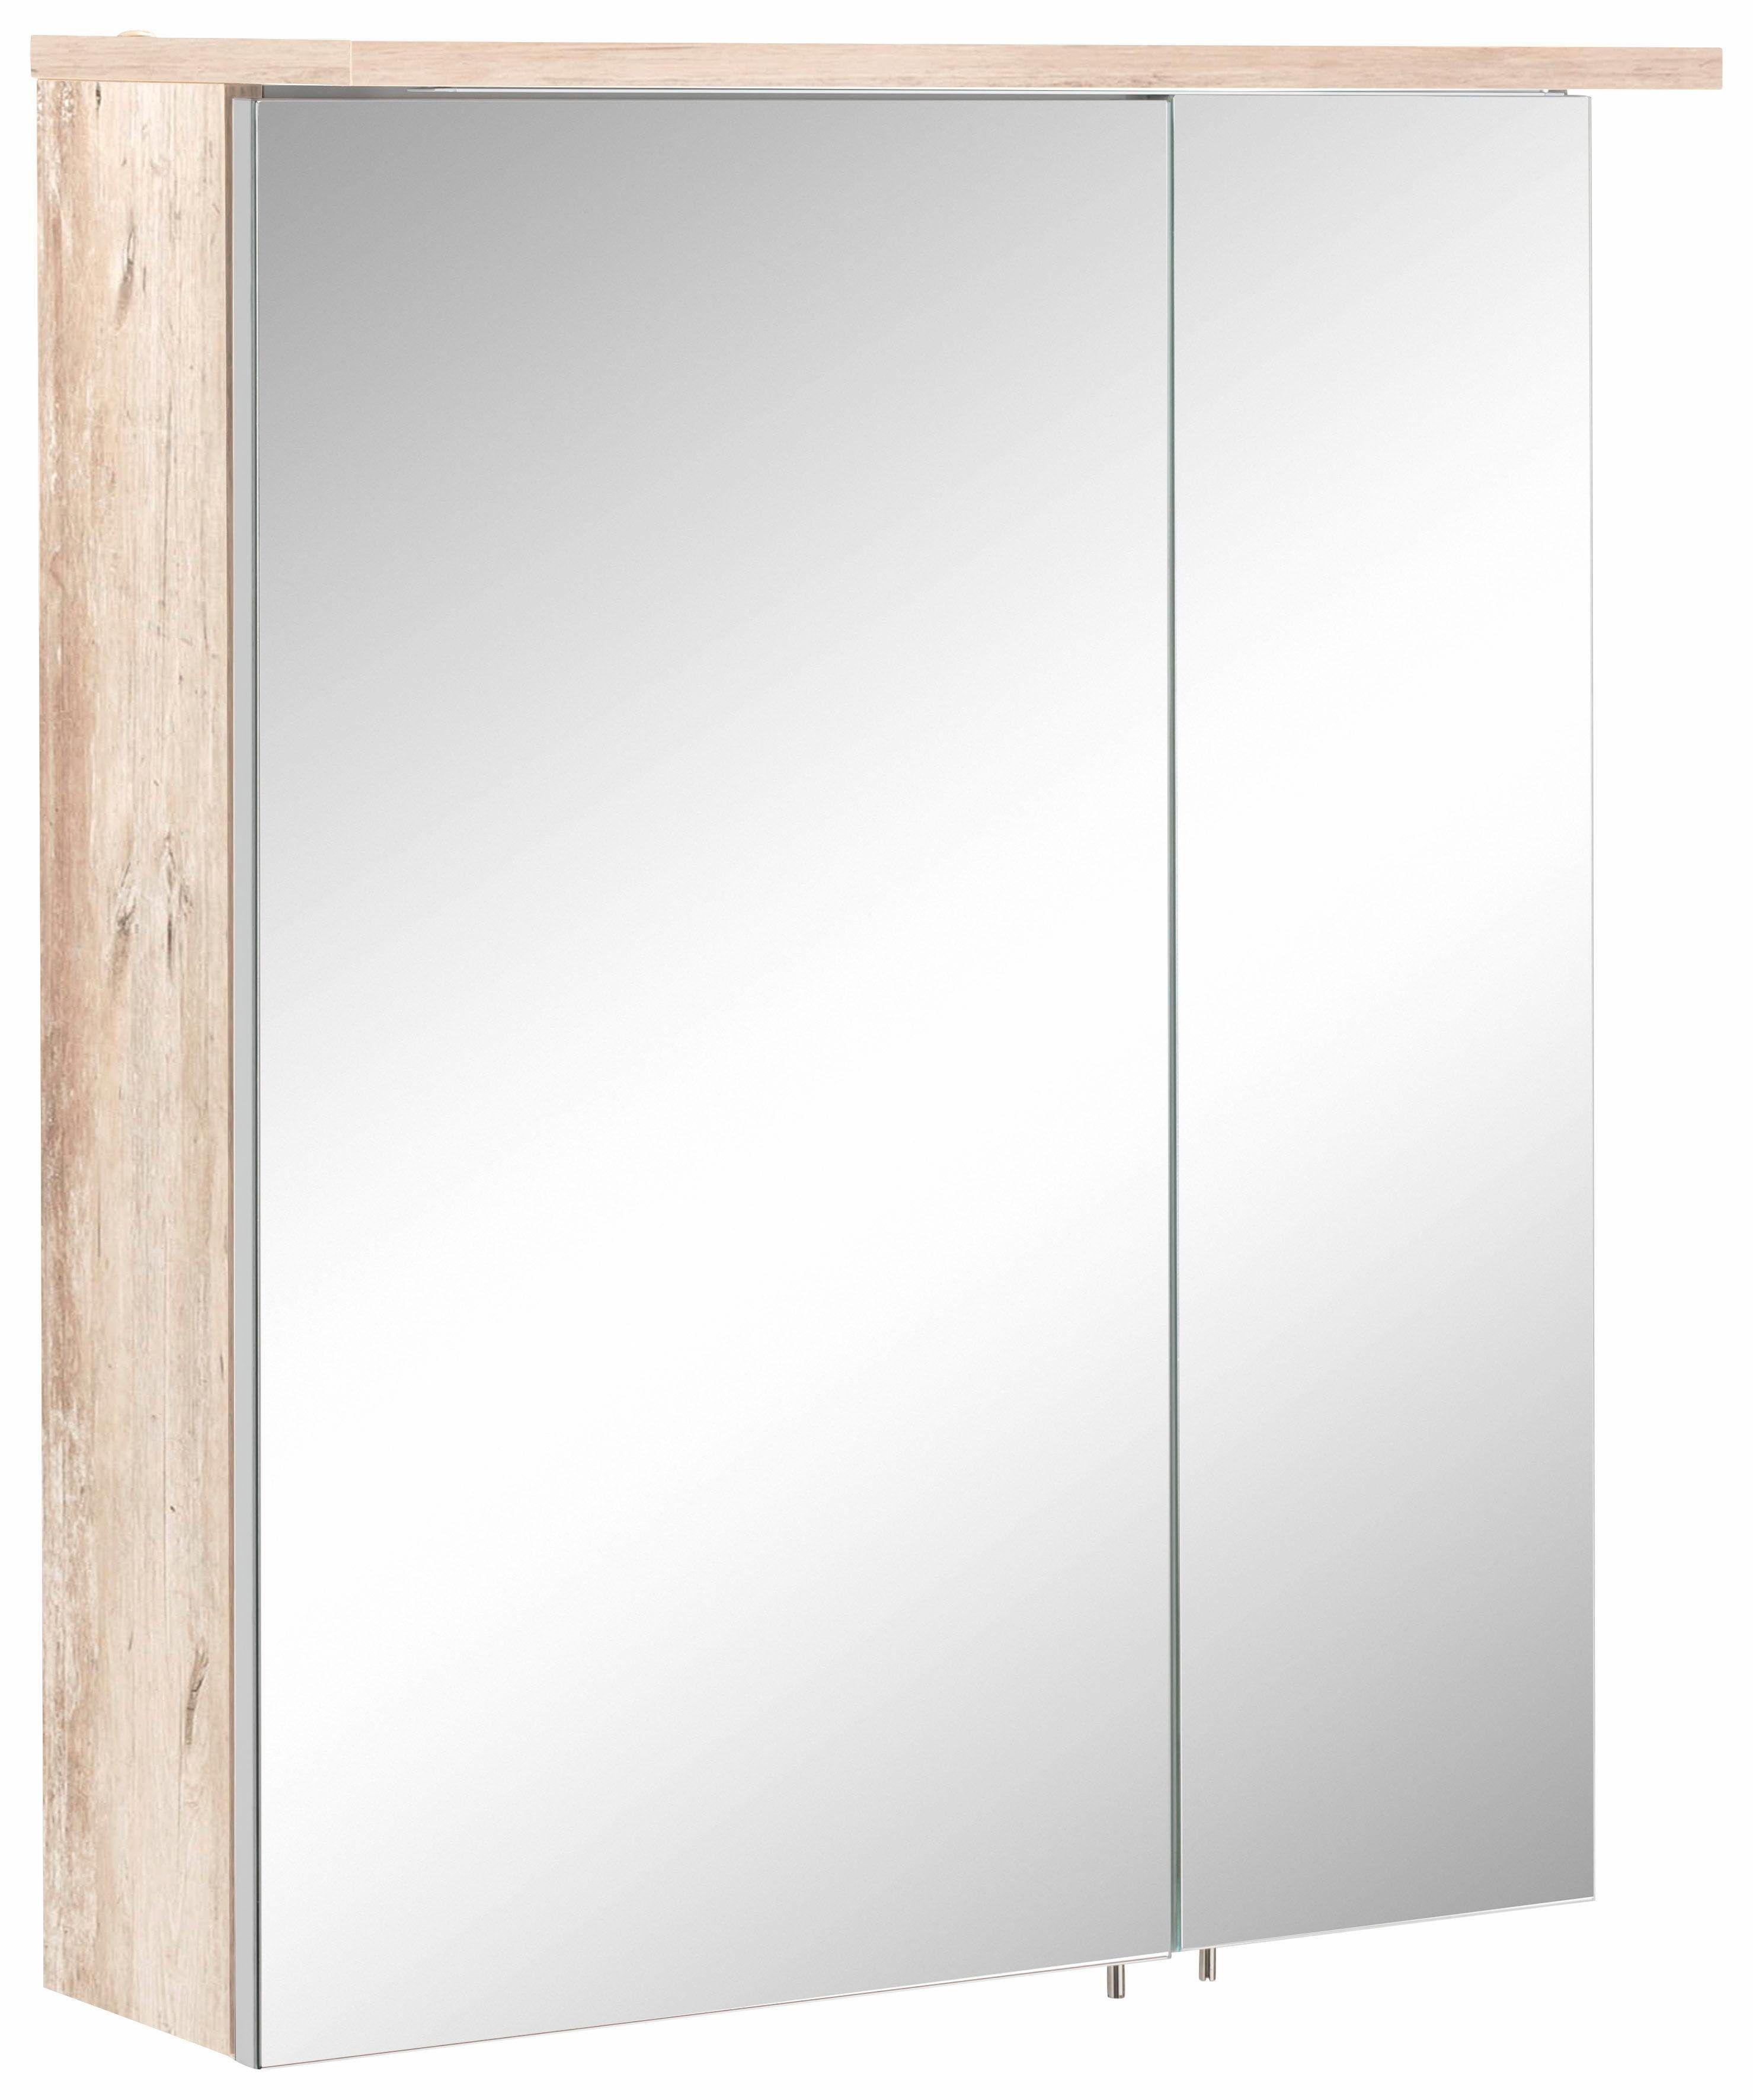 Schildmeyer Spiegelschrank »Profil 16« beige, Breite 60 cm Jetzt ...